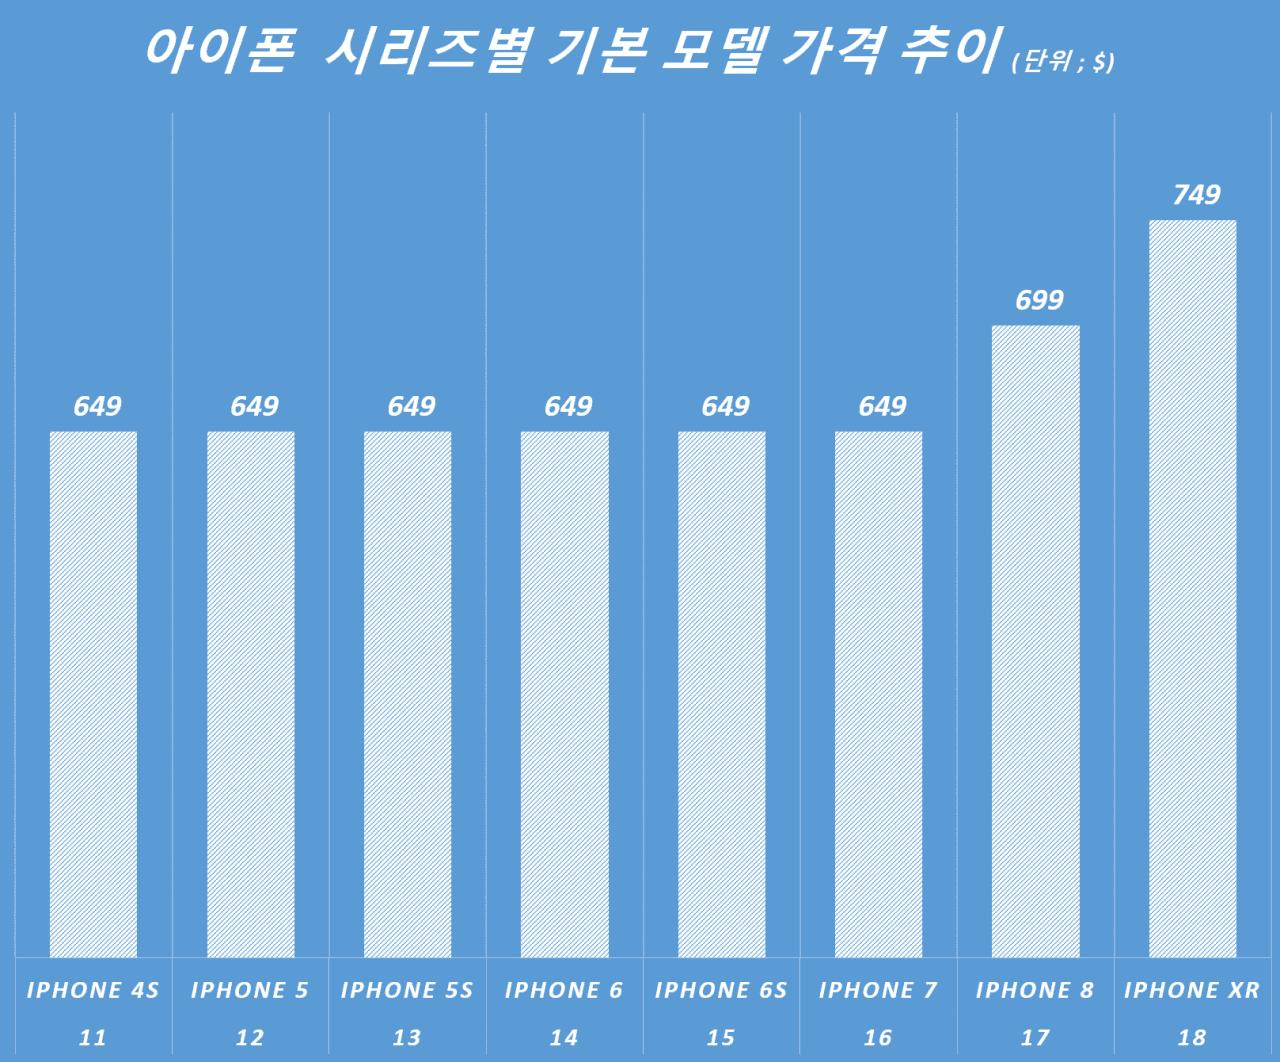 아이폰  시리즈별 기본 모델 가격 추이 (단위 ; $), Graph by Happist